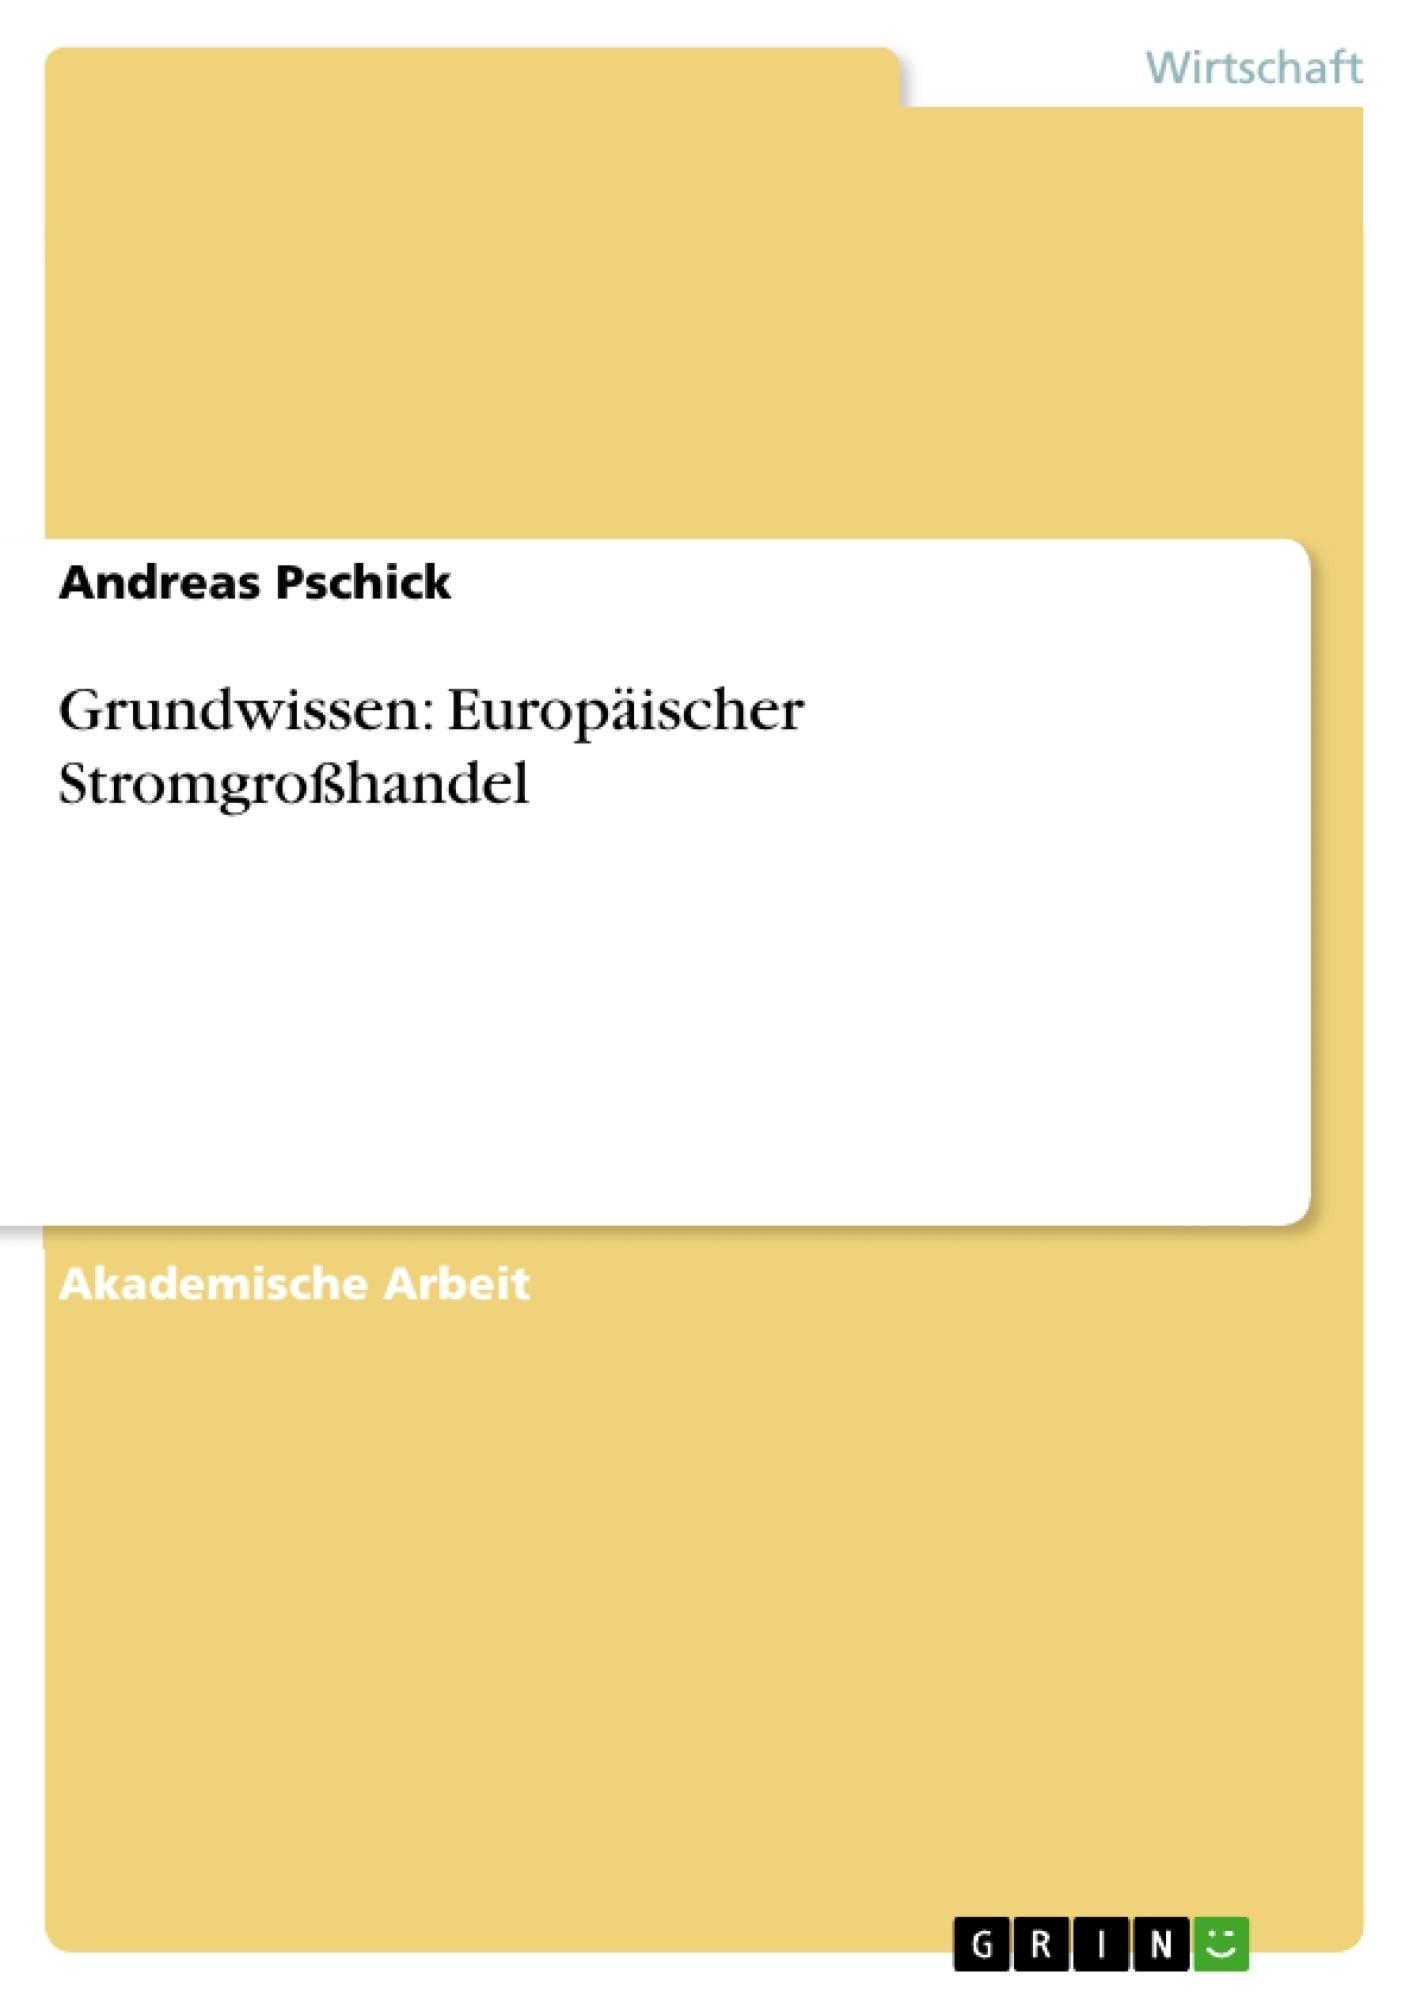 Titel: Grundwissen: Europäischer Stromgroßhandel